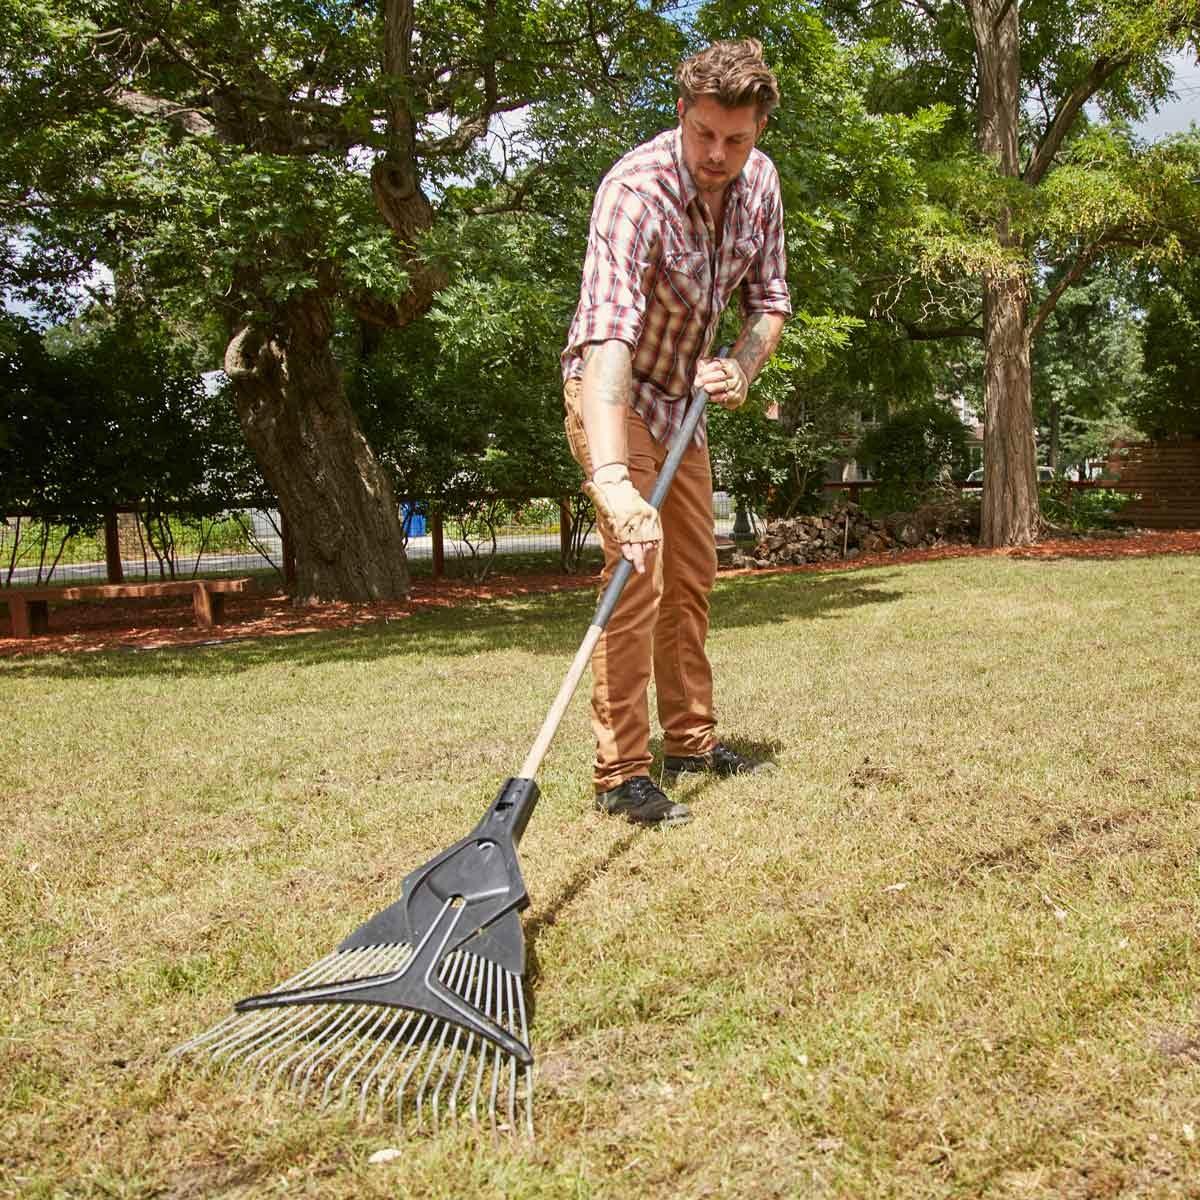 rake the seed